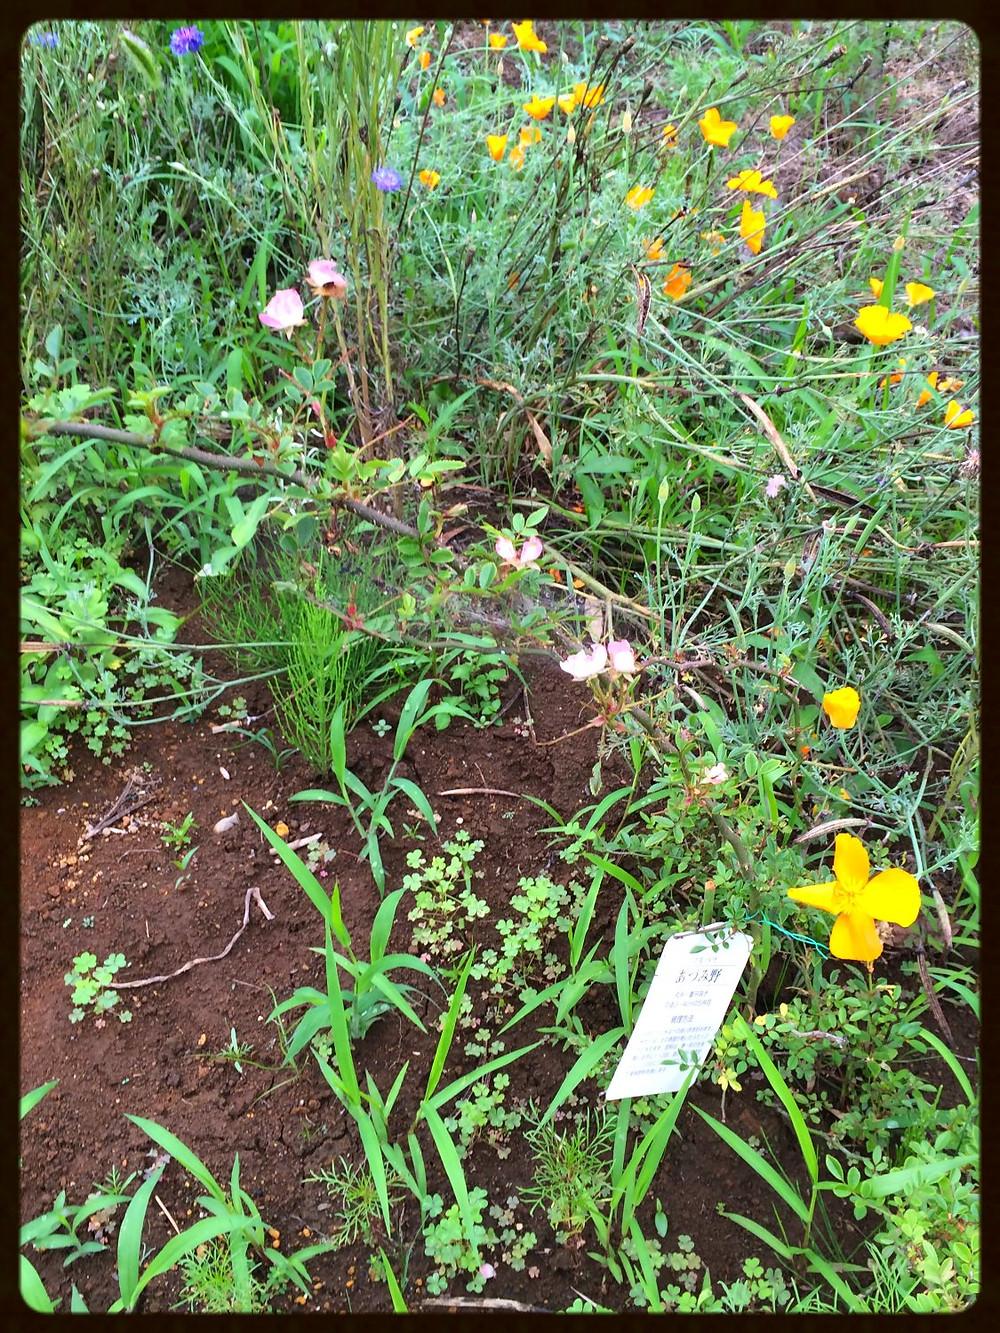 あずみ野というバラの花、3センチほどの薄いピンクの花が